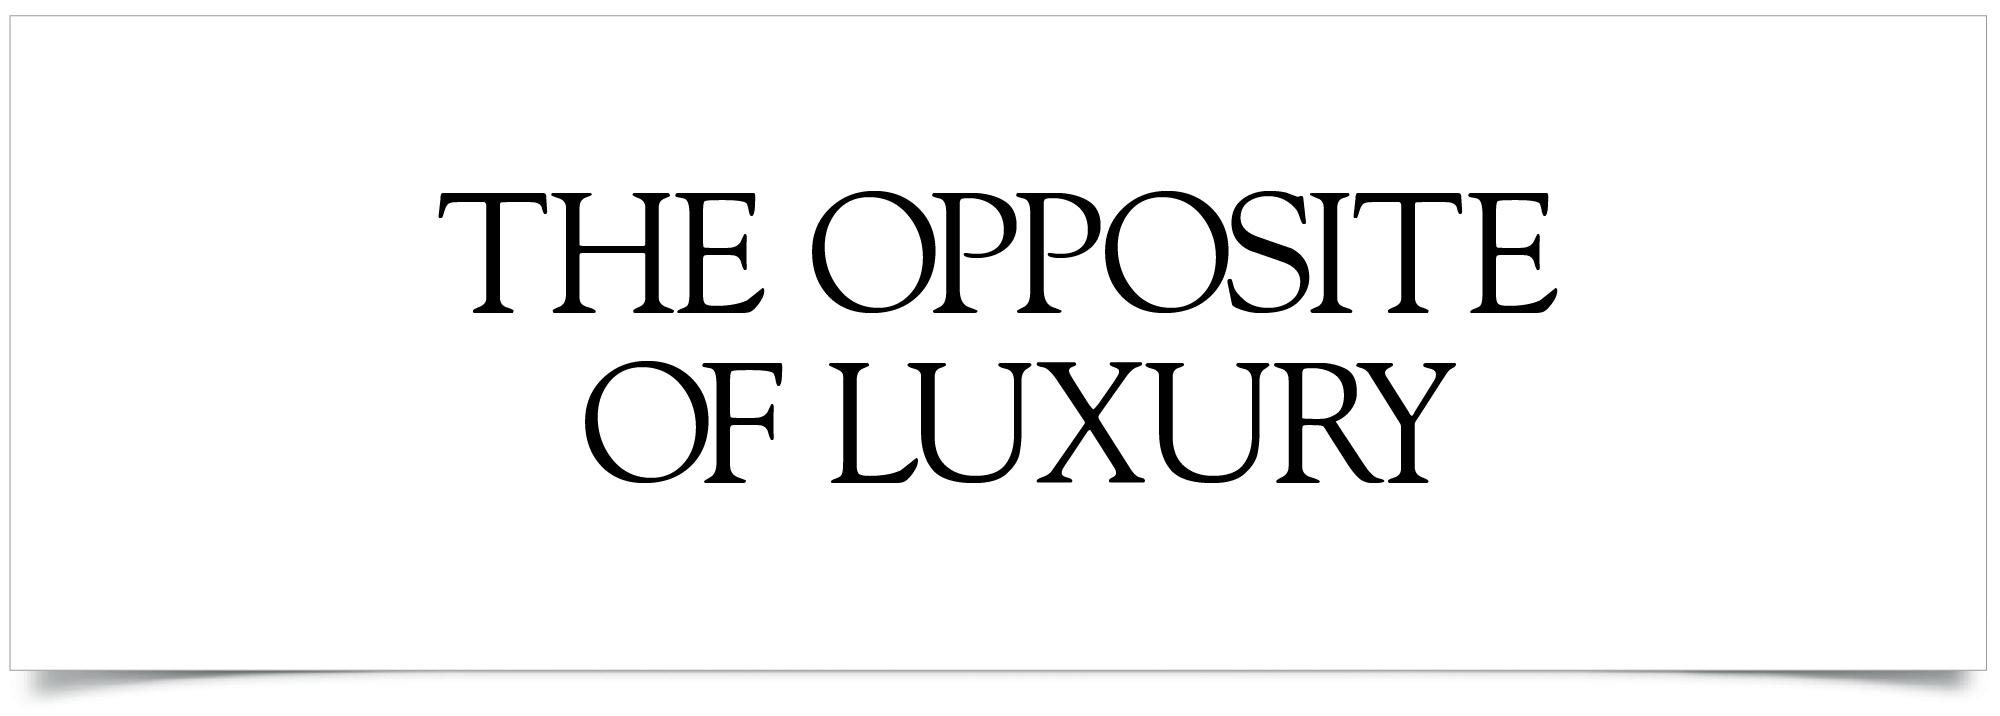 The Opposite of Luxury-05.jpg